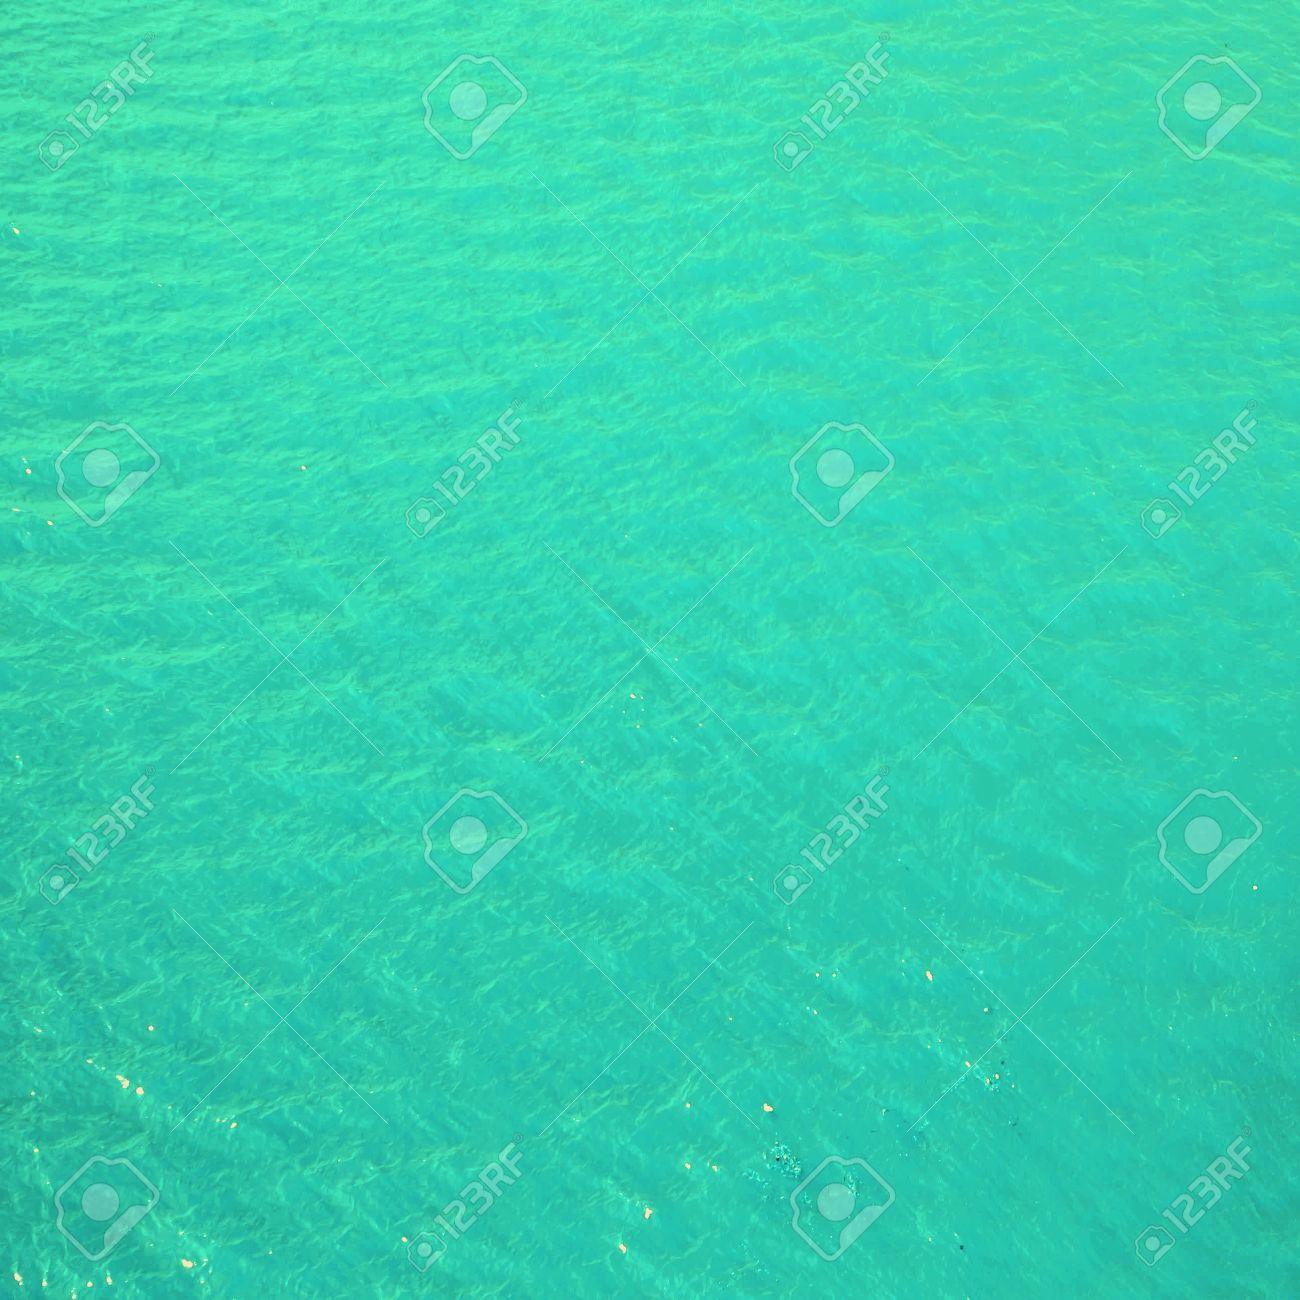 Immagini Stock Acqua Sfondo Astratto Ciano Brillante Blu E Verde